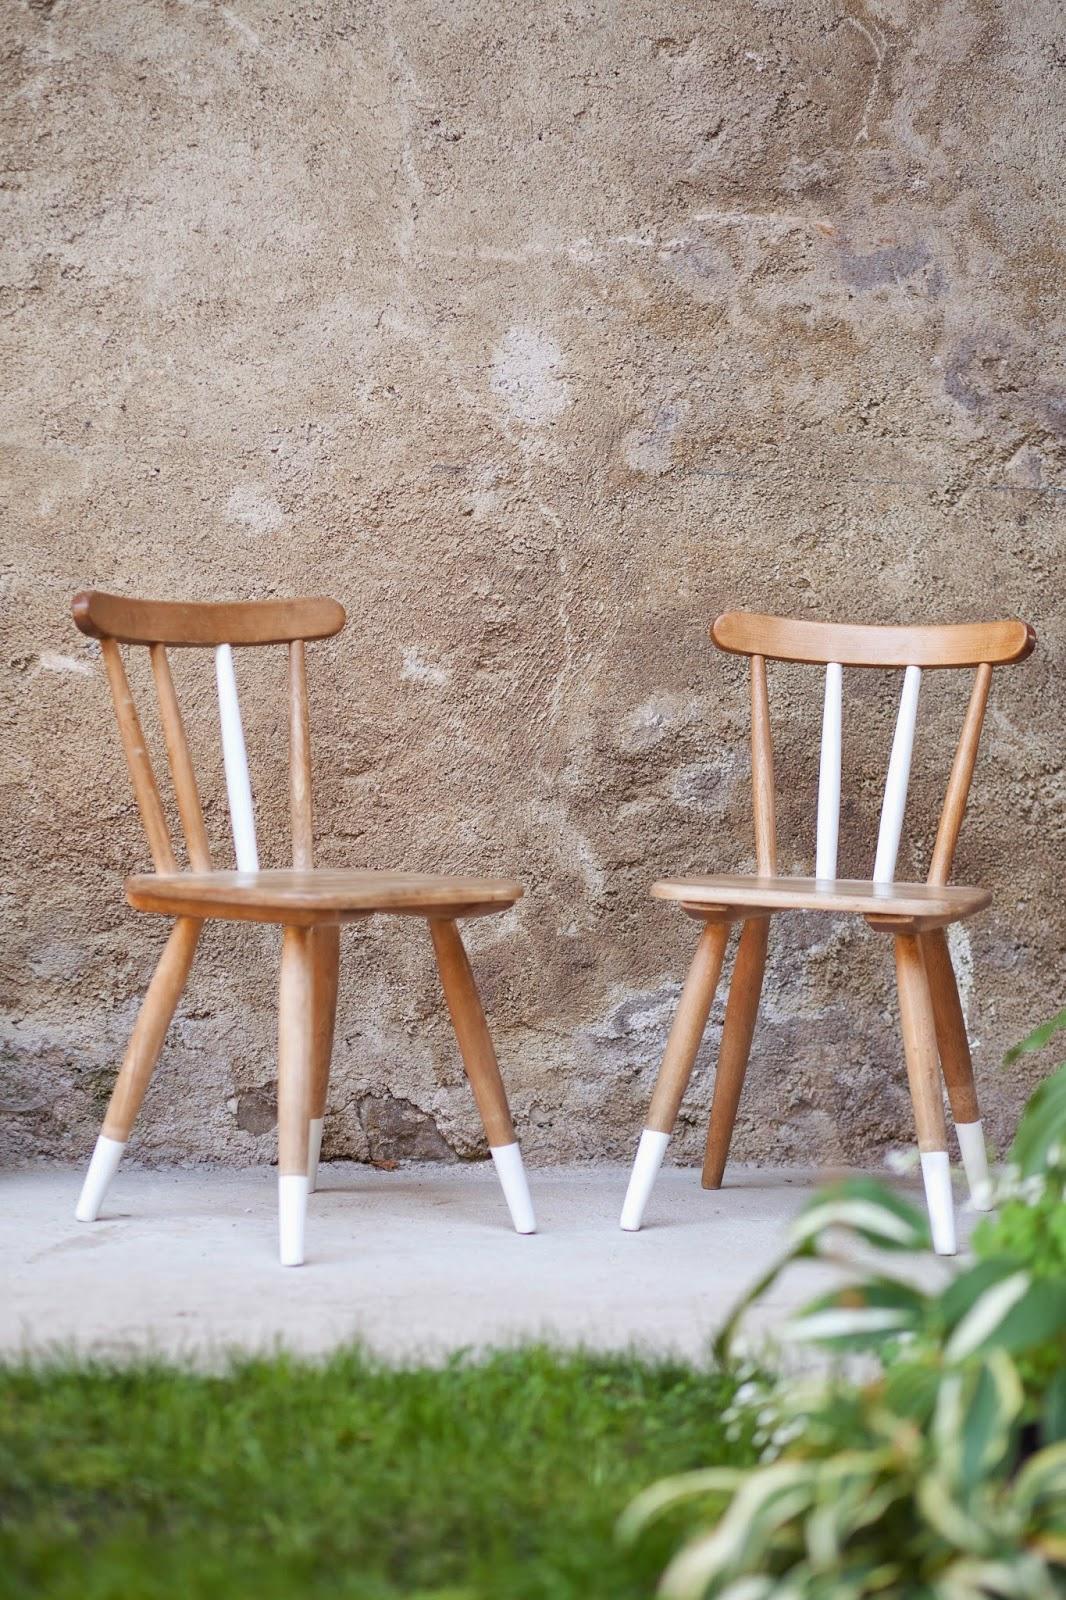 Alte Stühle Dekorieren ruckzuck diy dip dye look für alte stühle wohnprojekt wohnblog